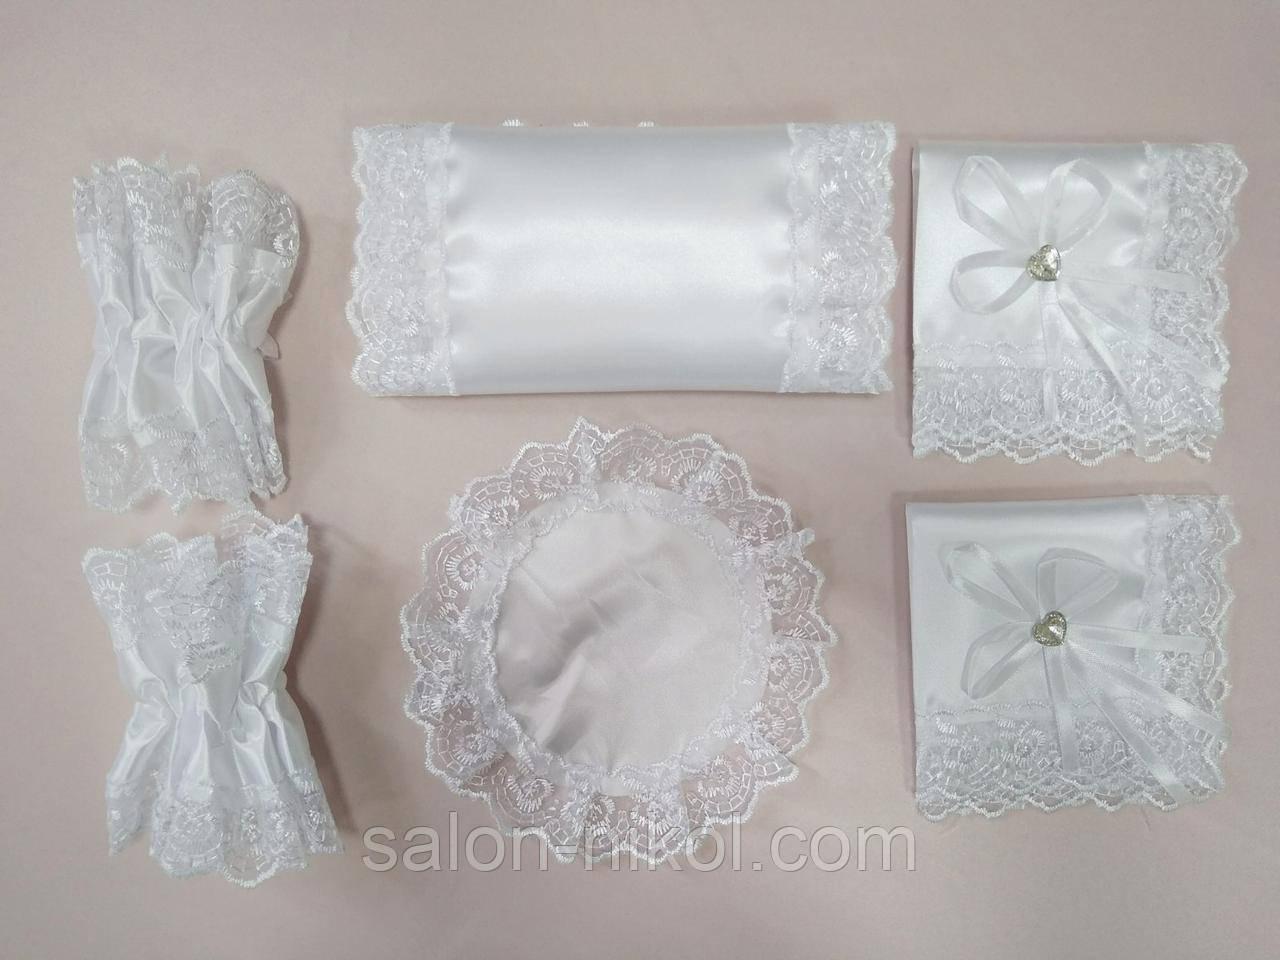 Набор для венчания белый. Венчальный набор